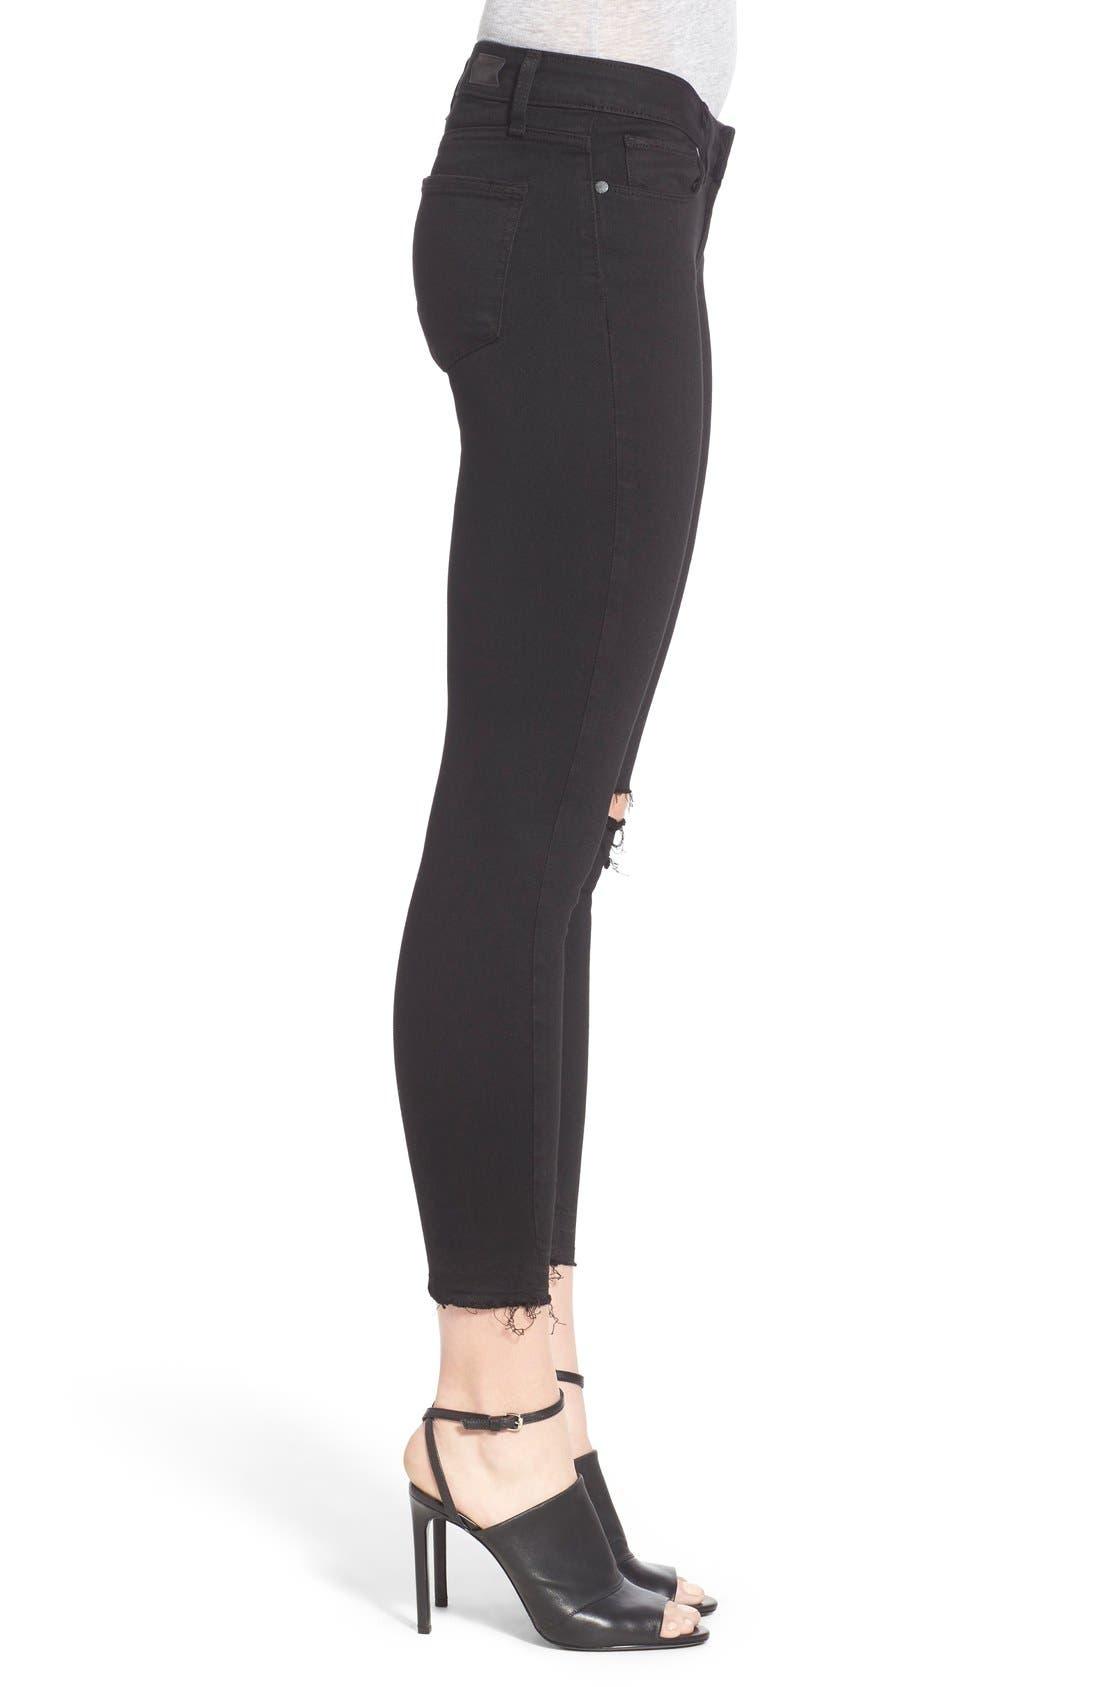 Alternate Image 3  - Paige Denim 'Transcend - Verdugo' Crop Skinny Jeans (Black Destructed)